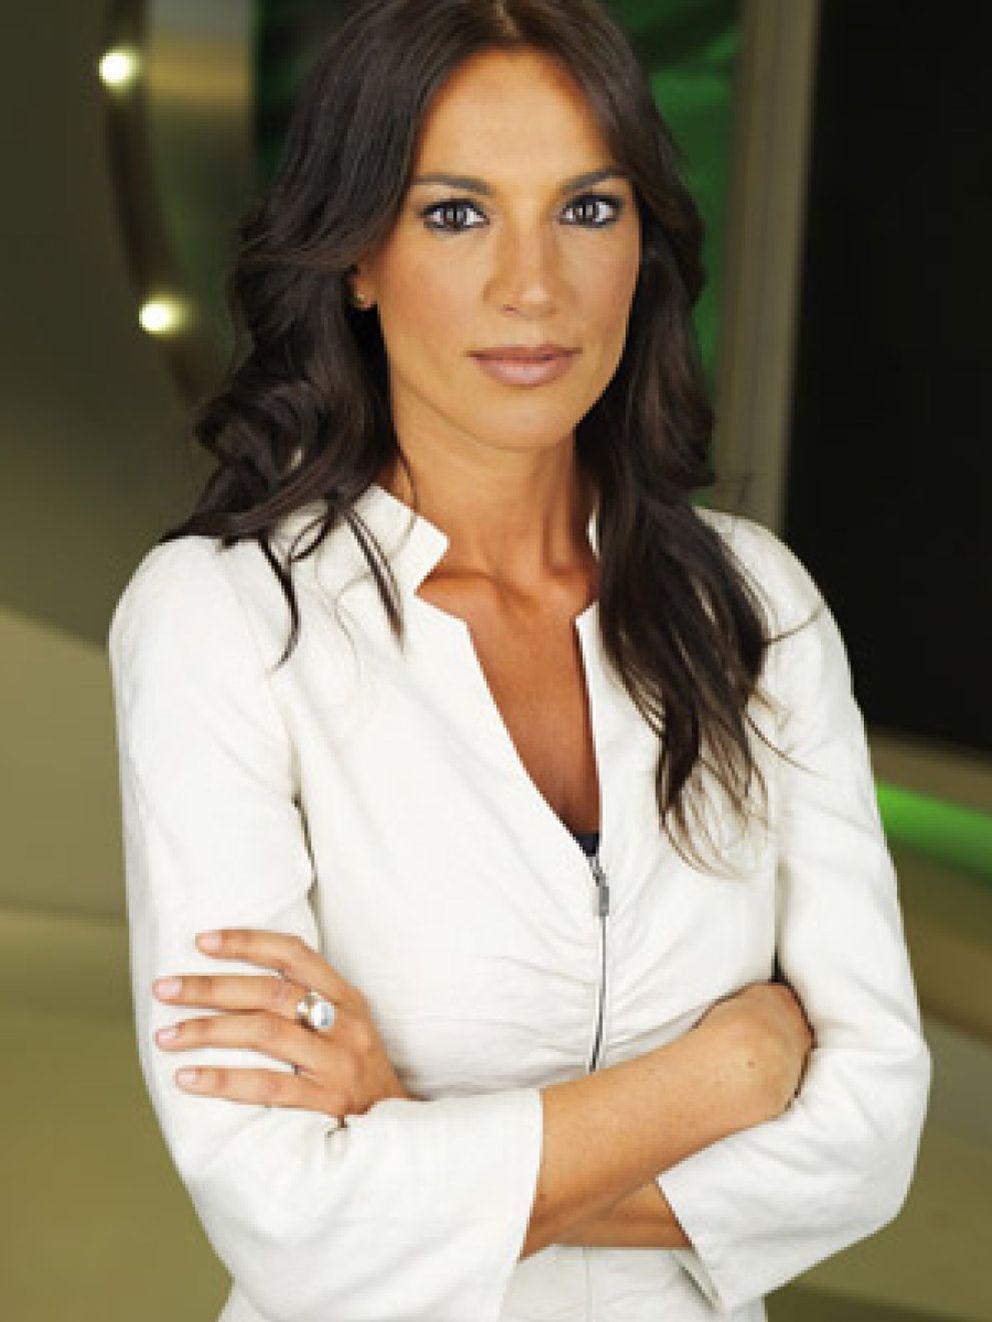 Inicia su programacion de videos de esta actriz porno que trabaja en colombia - 1 7